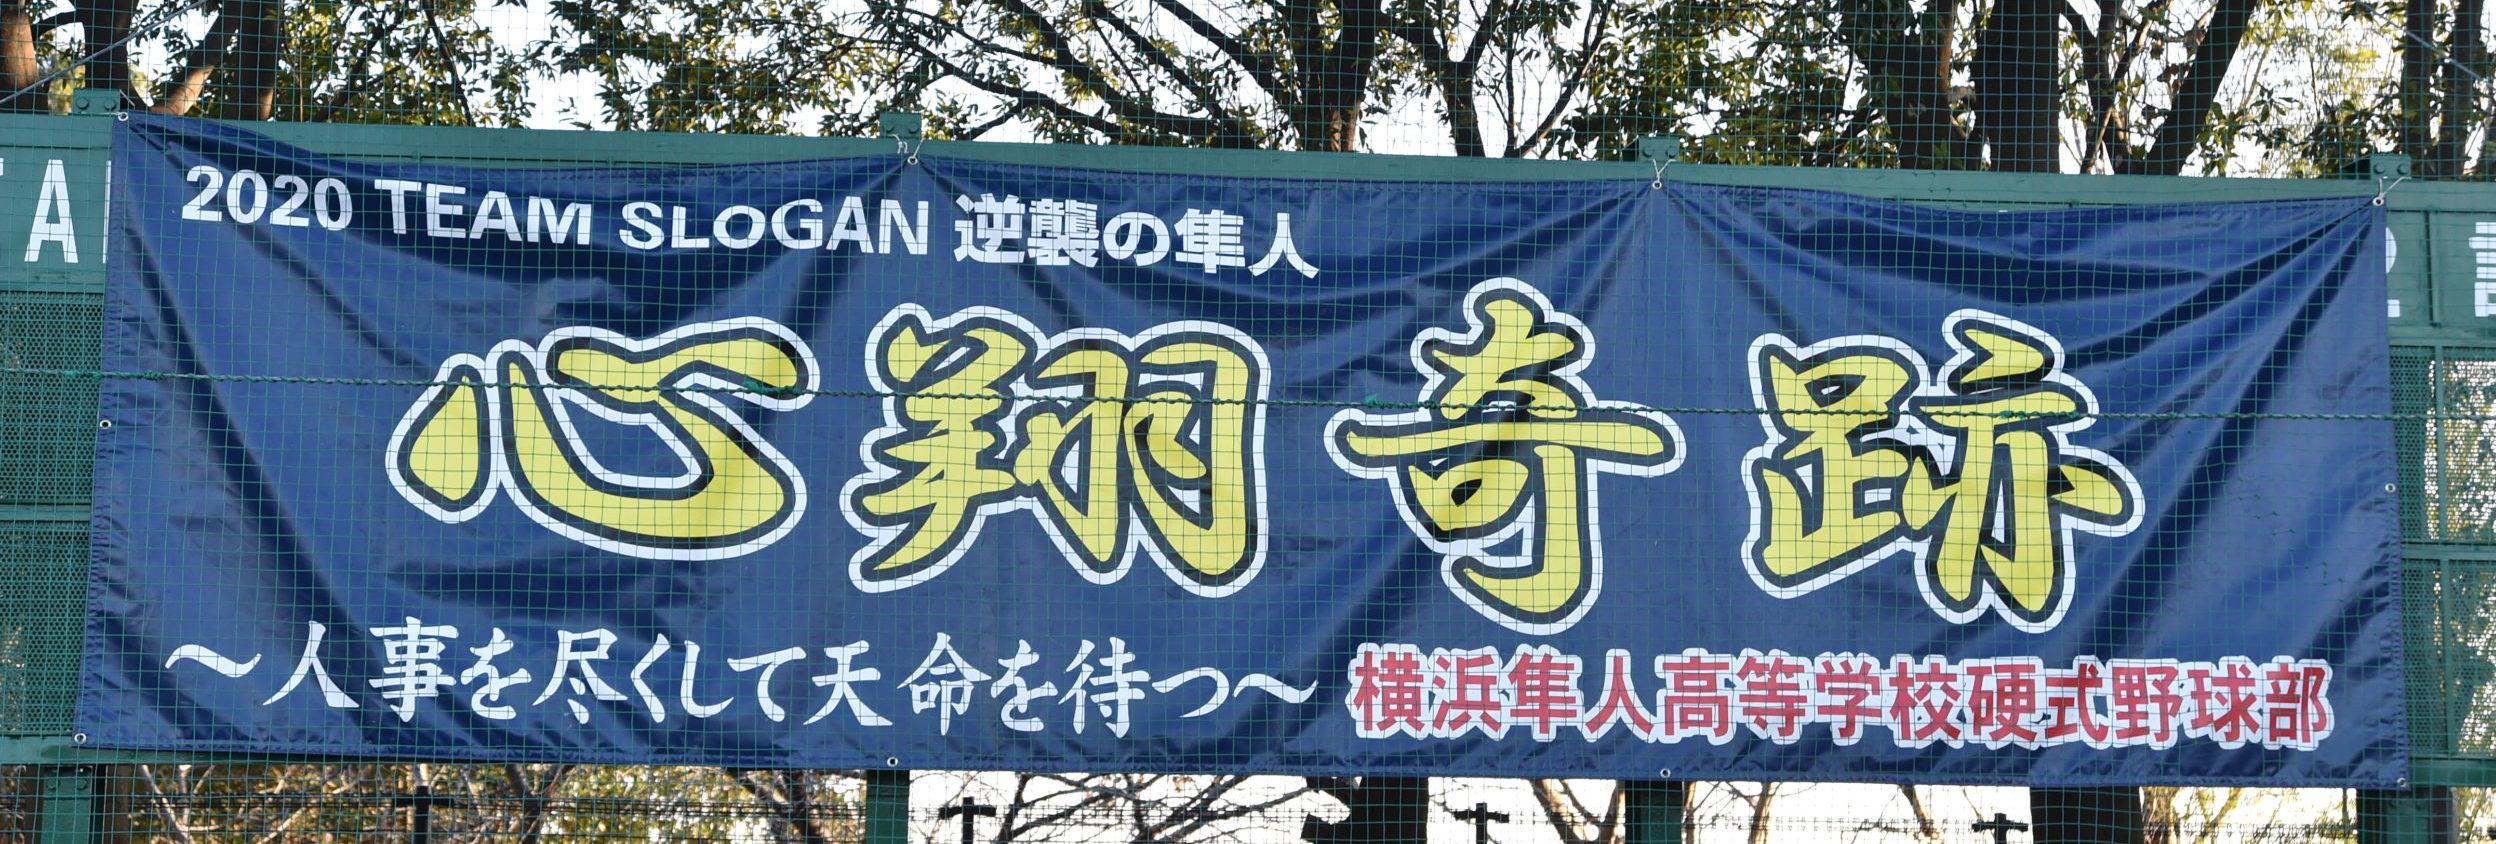 【横浜隼人 野球部】『スローガンは'心翔奇跡'』